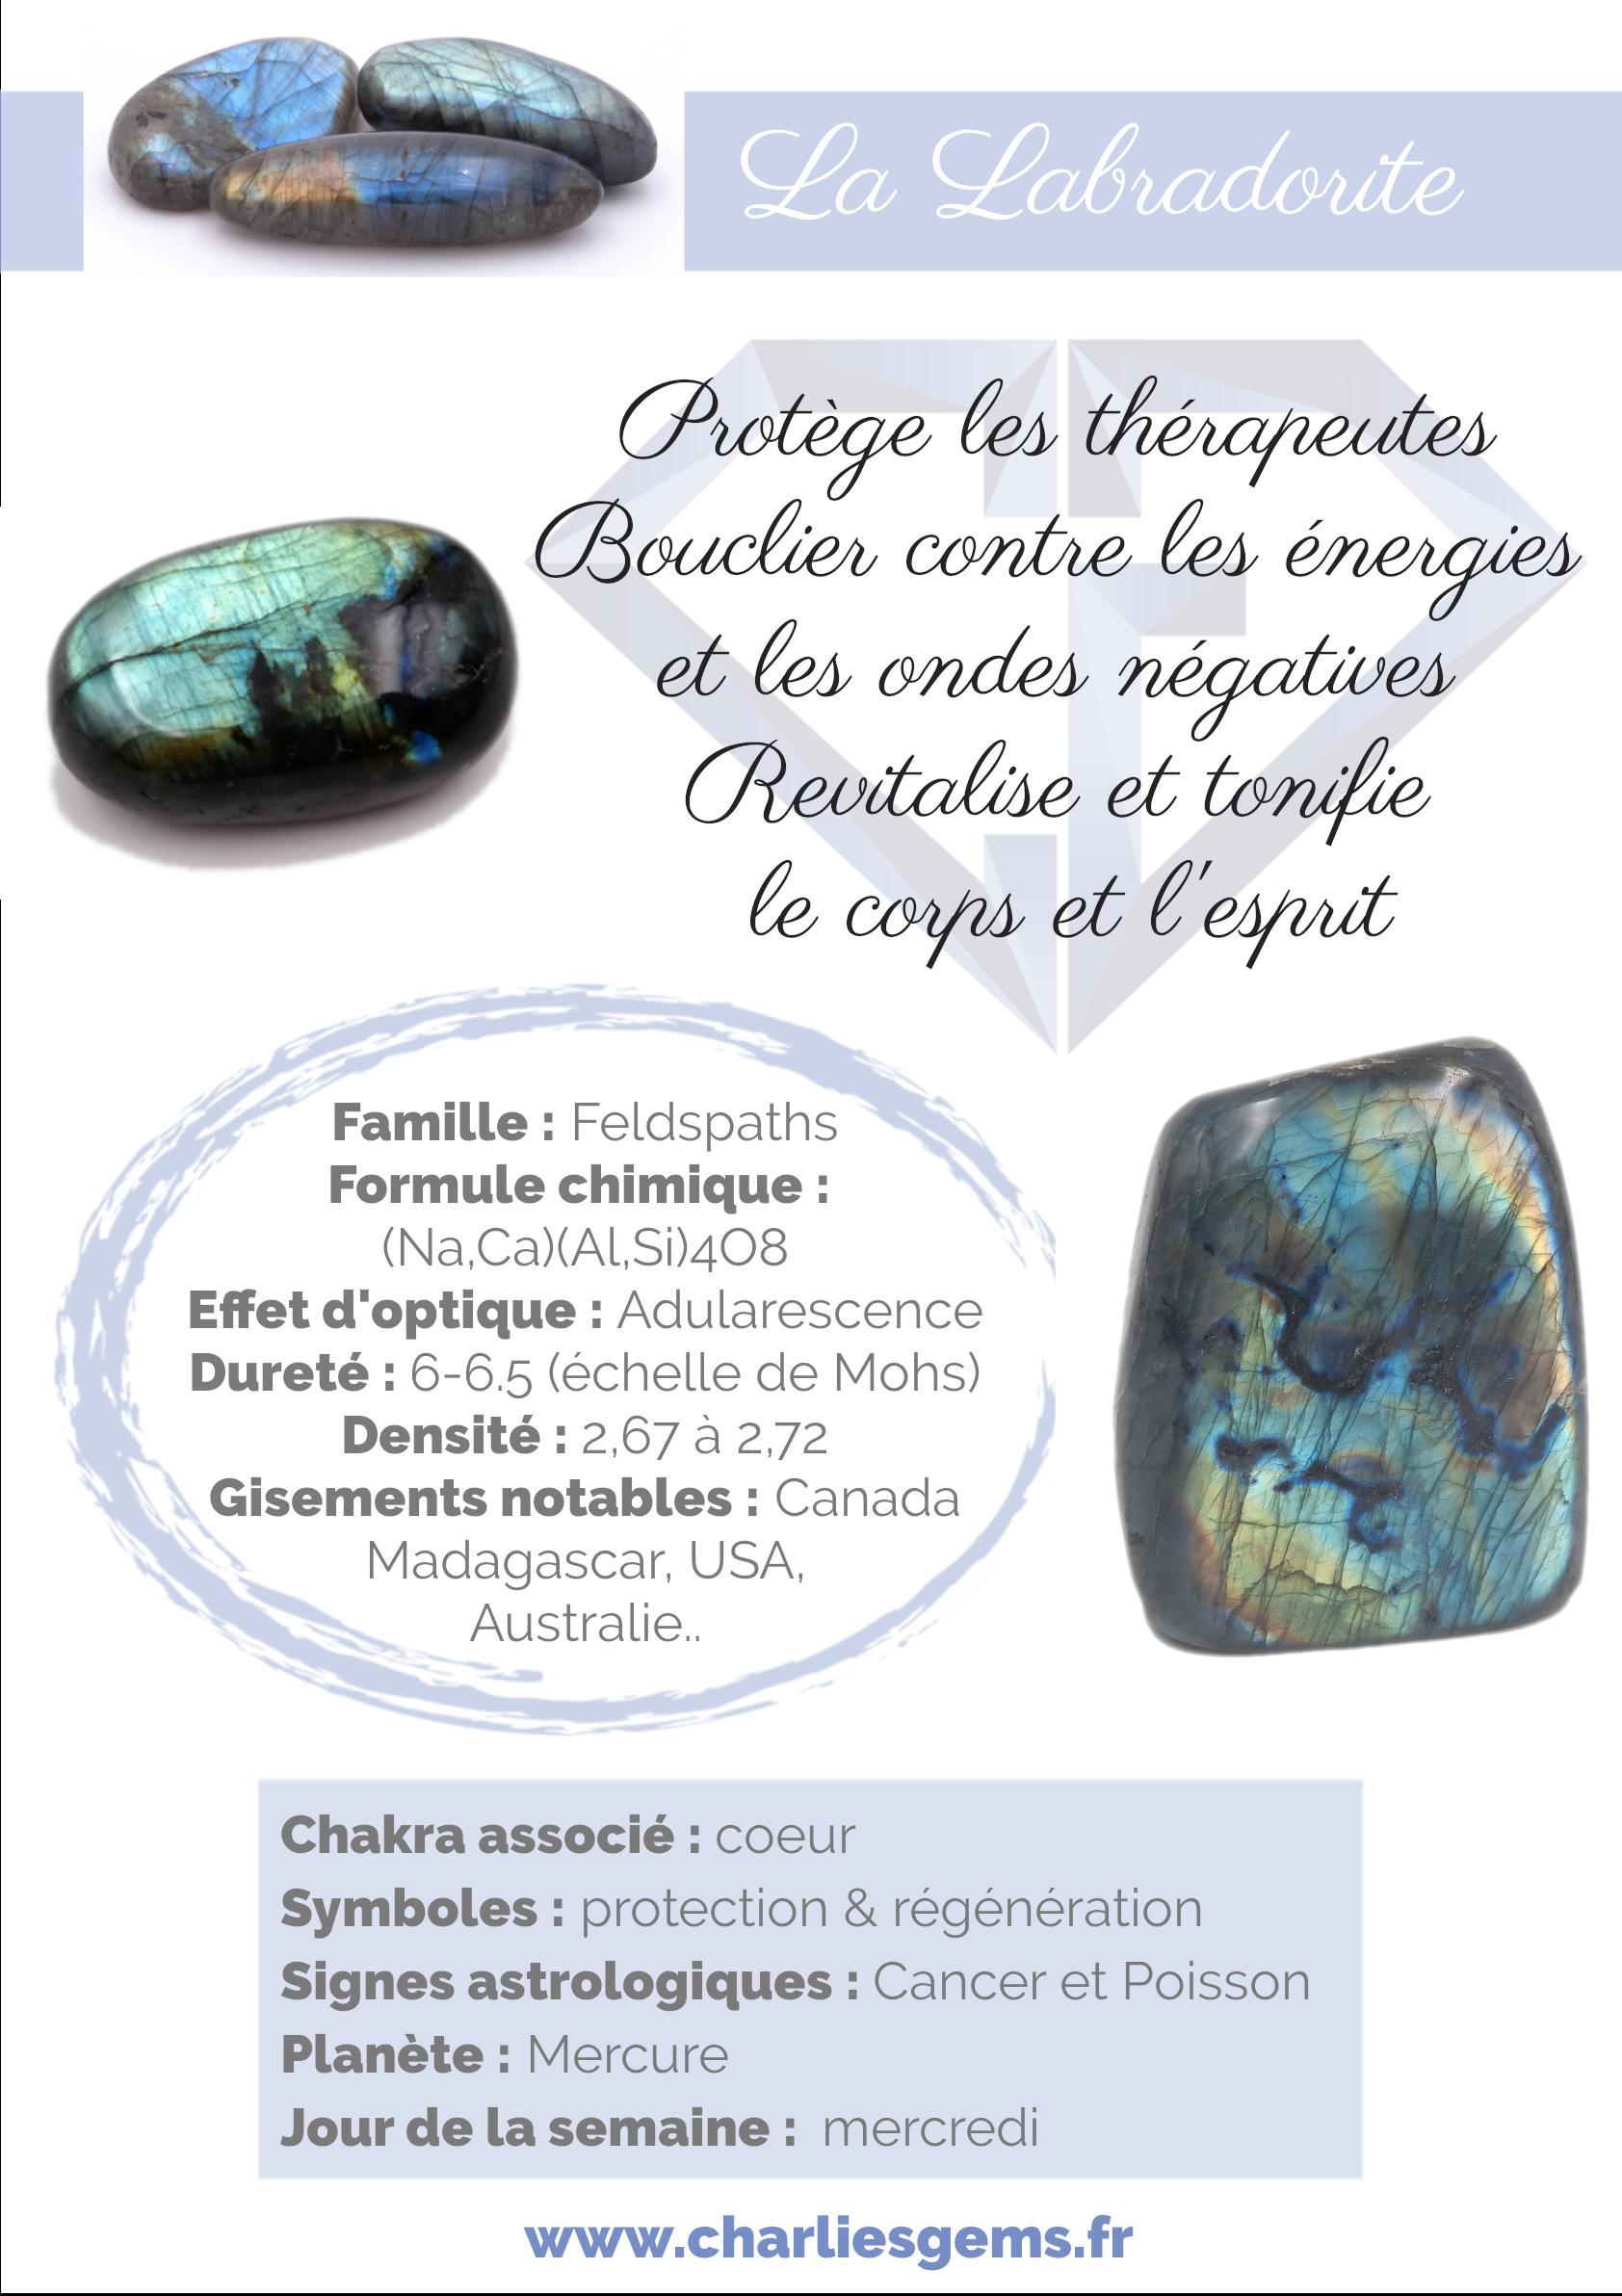 Fiche de présentation de la Labradorite (description, lithothérapie, propriétés) - Par Charlie's Gems